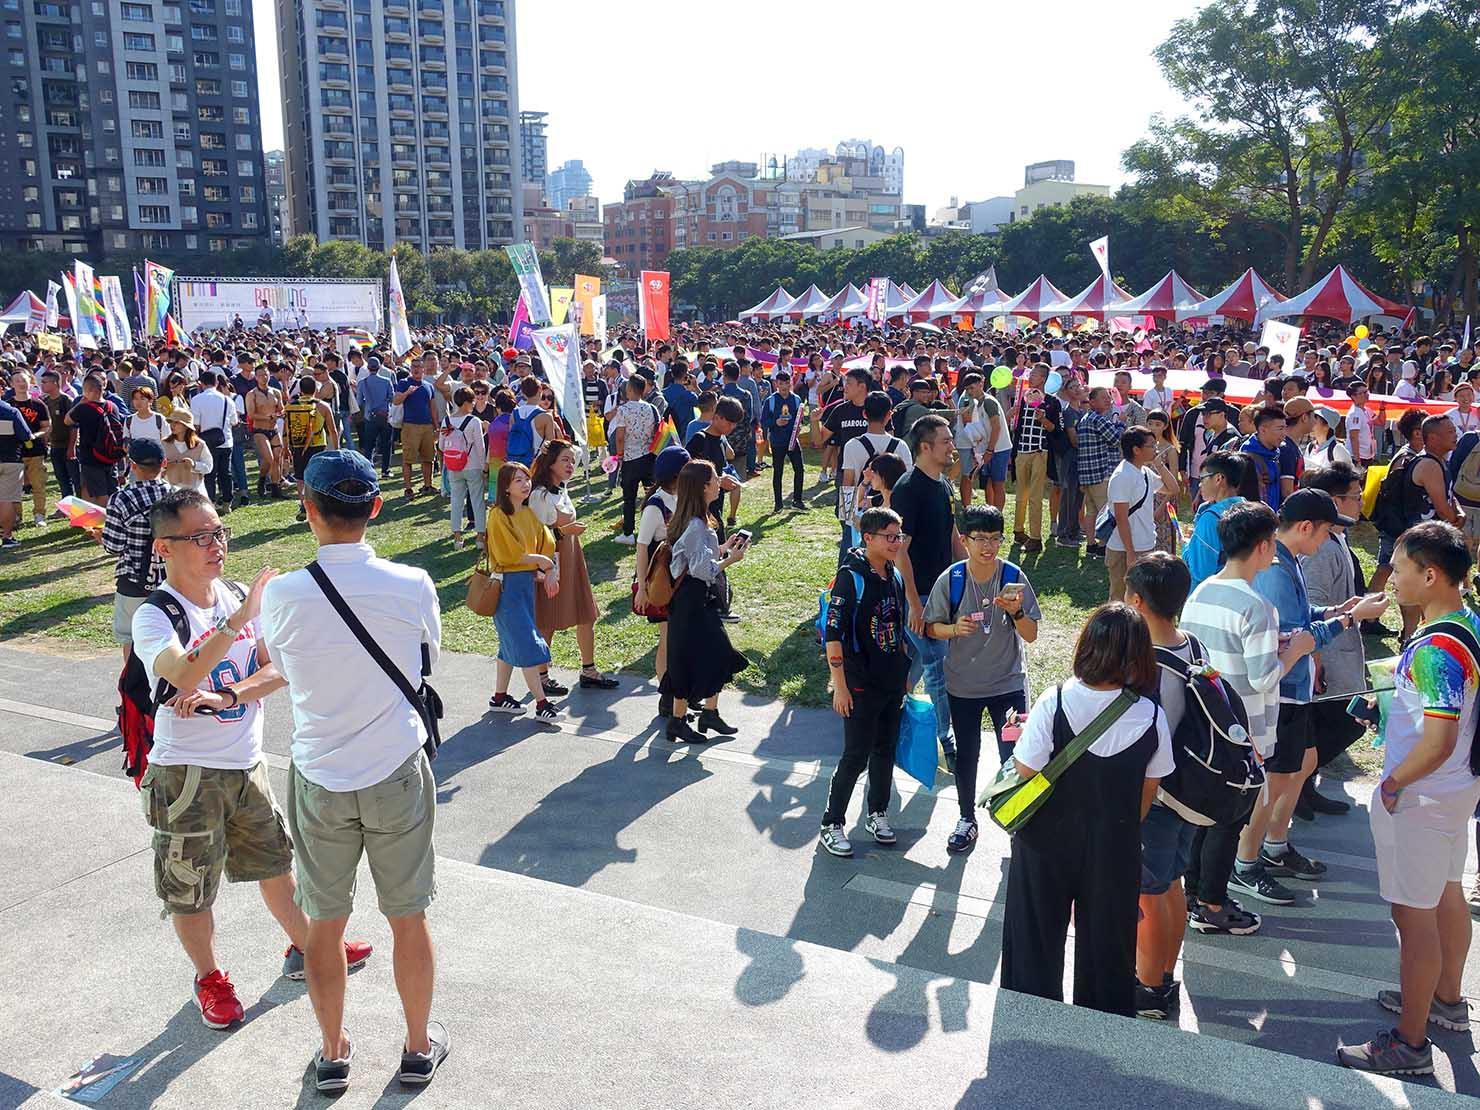 台中同志遊行(台中LGBTプライド)2017会場に集まる人々